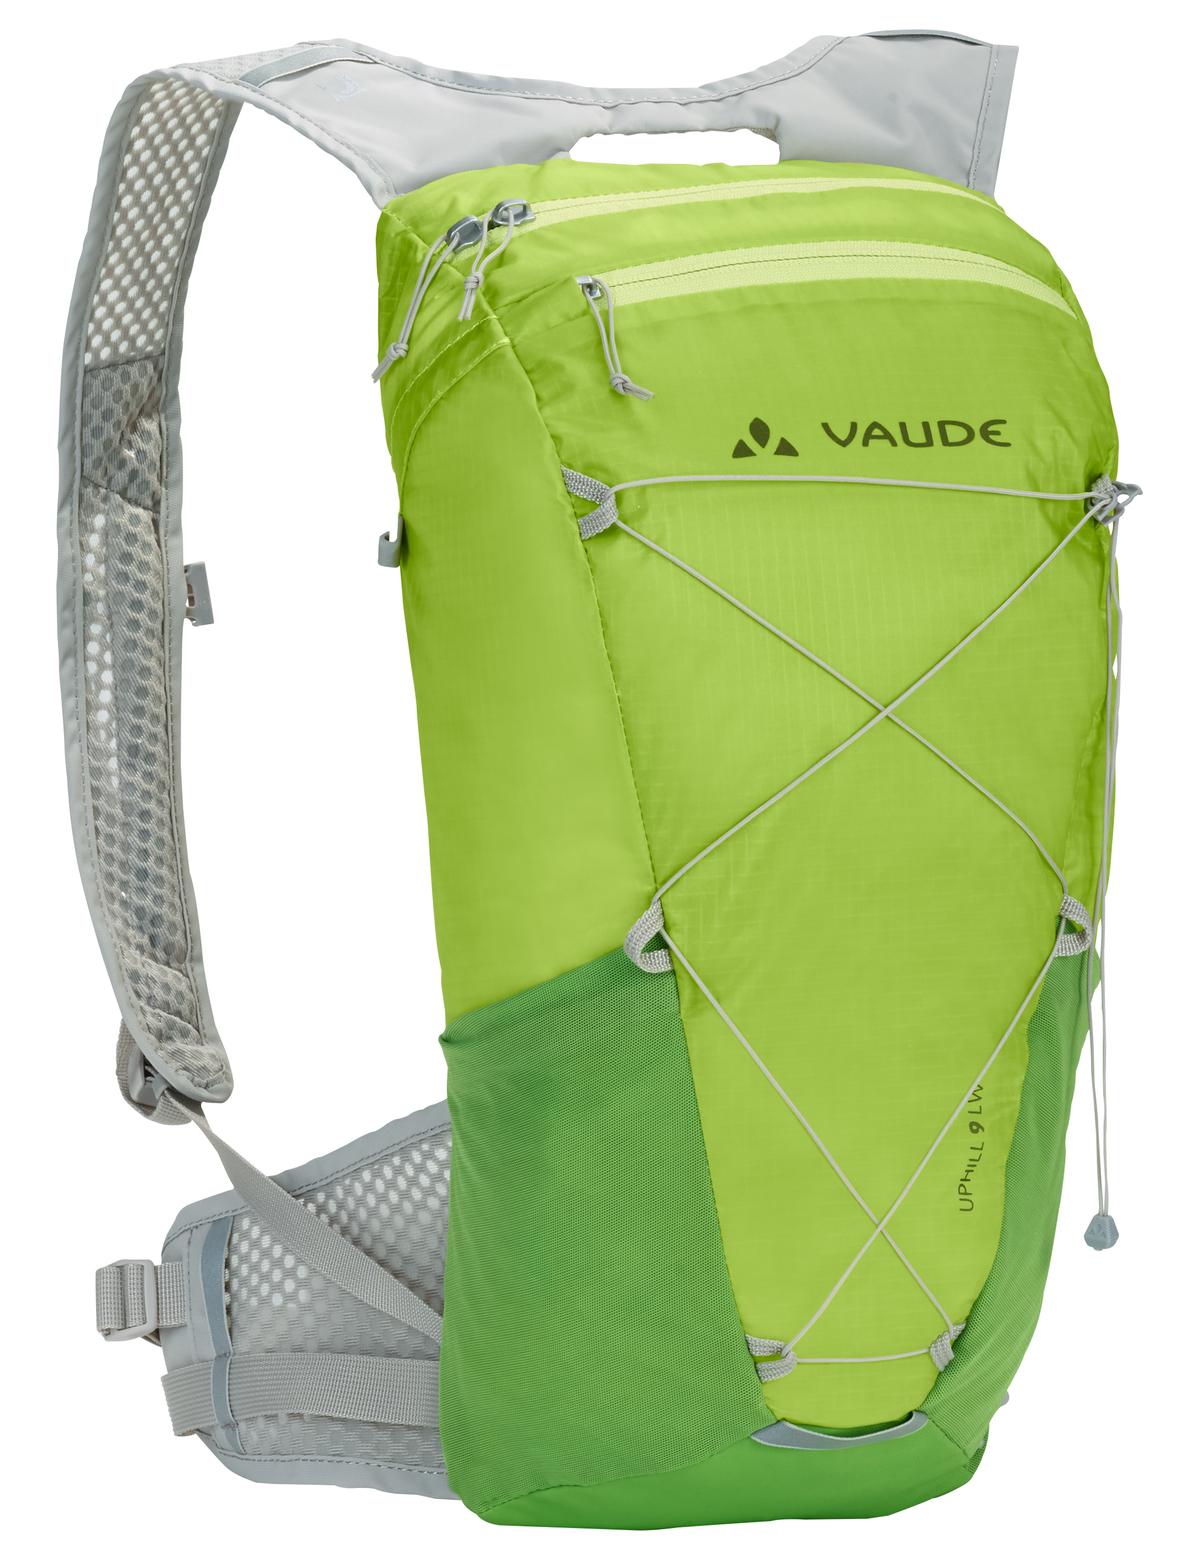 VAUDE Uphill 9 LW pear  - schneider-sports